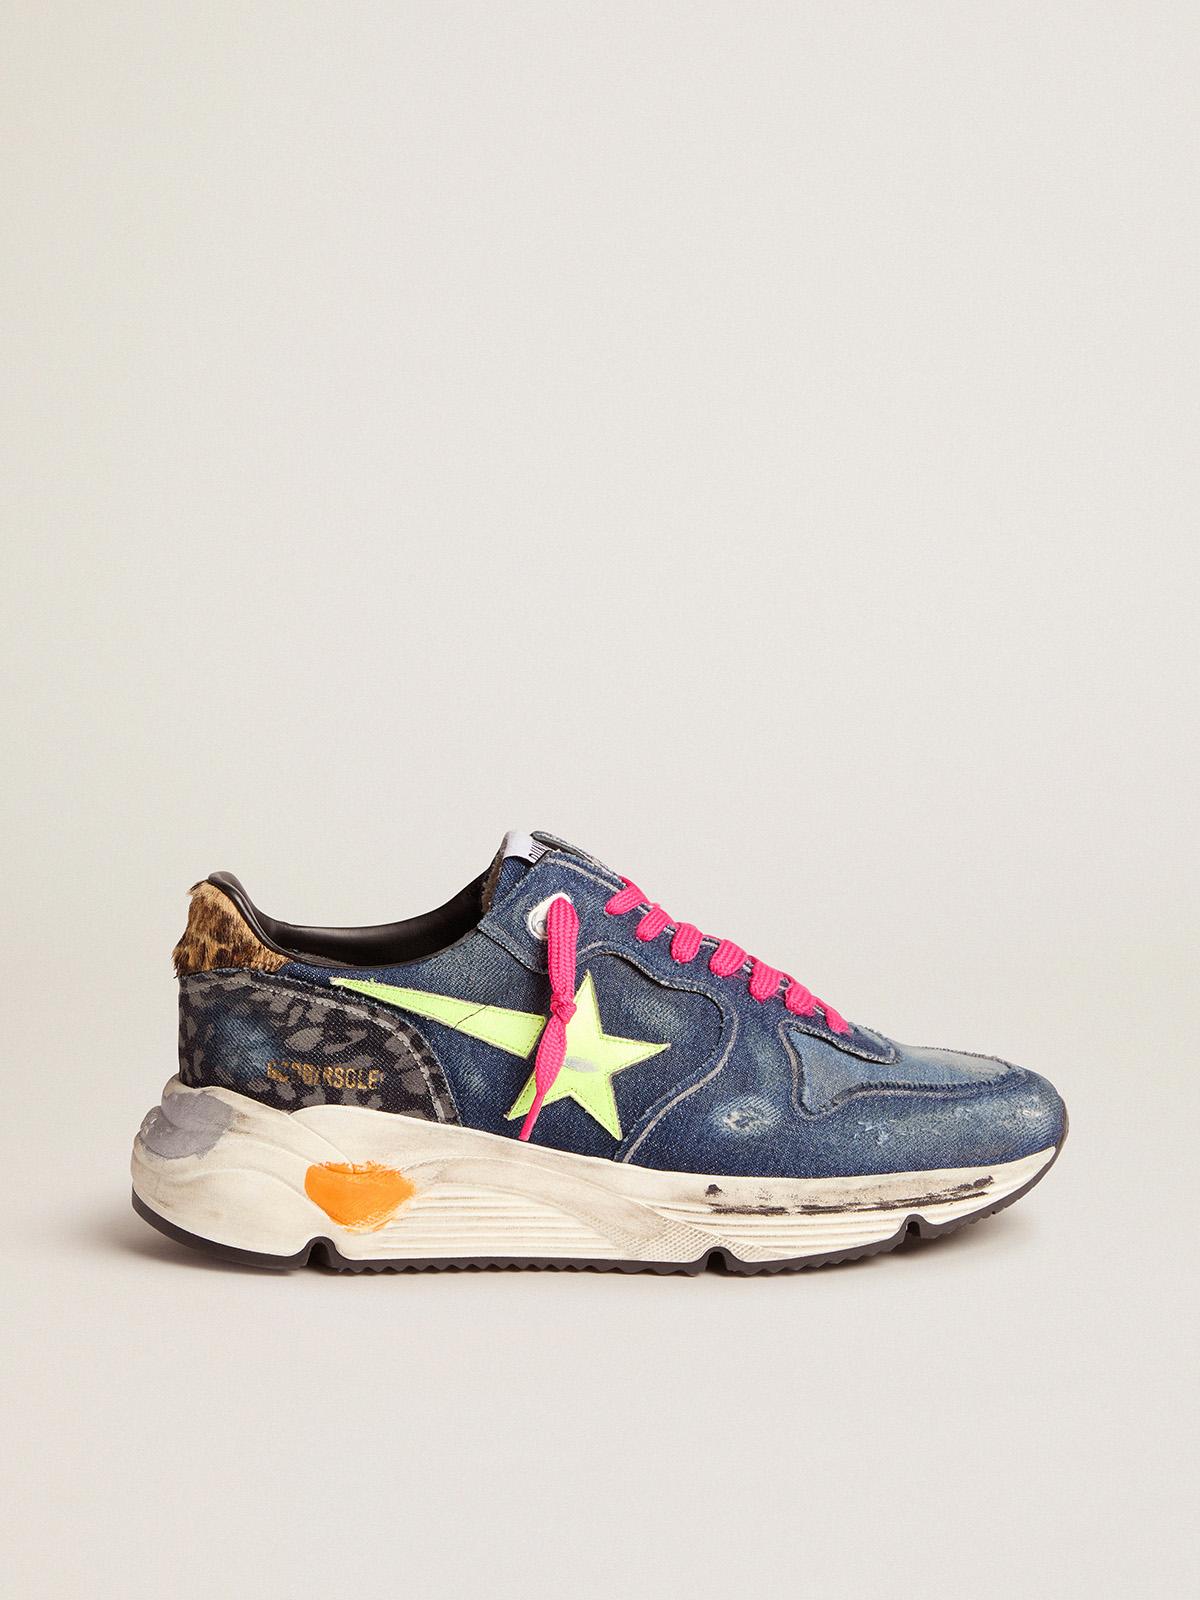 Golden Goose - Sneakers Running Sole in denim con stella giallo fluo e talloncino in cavallino con stampa leo in